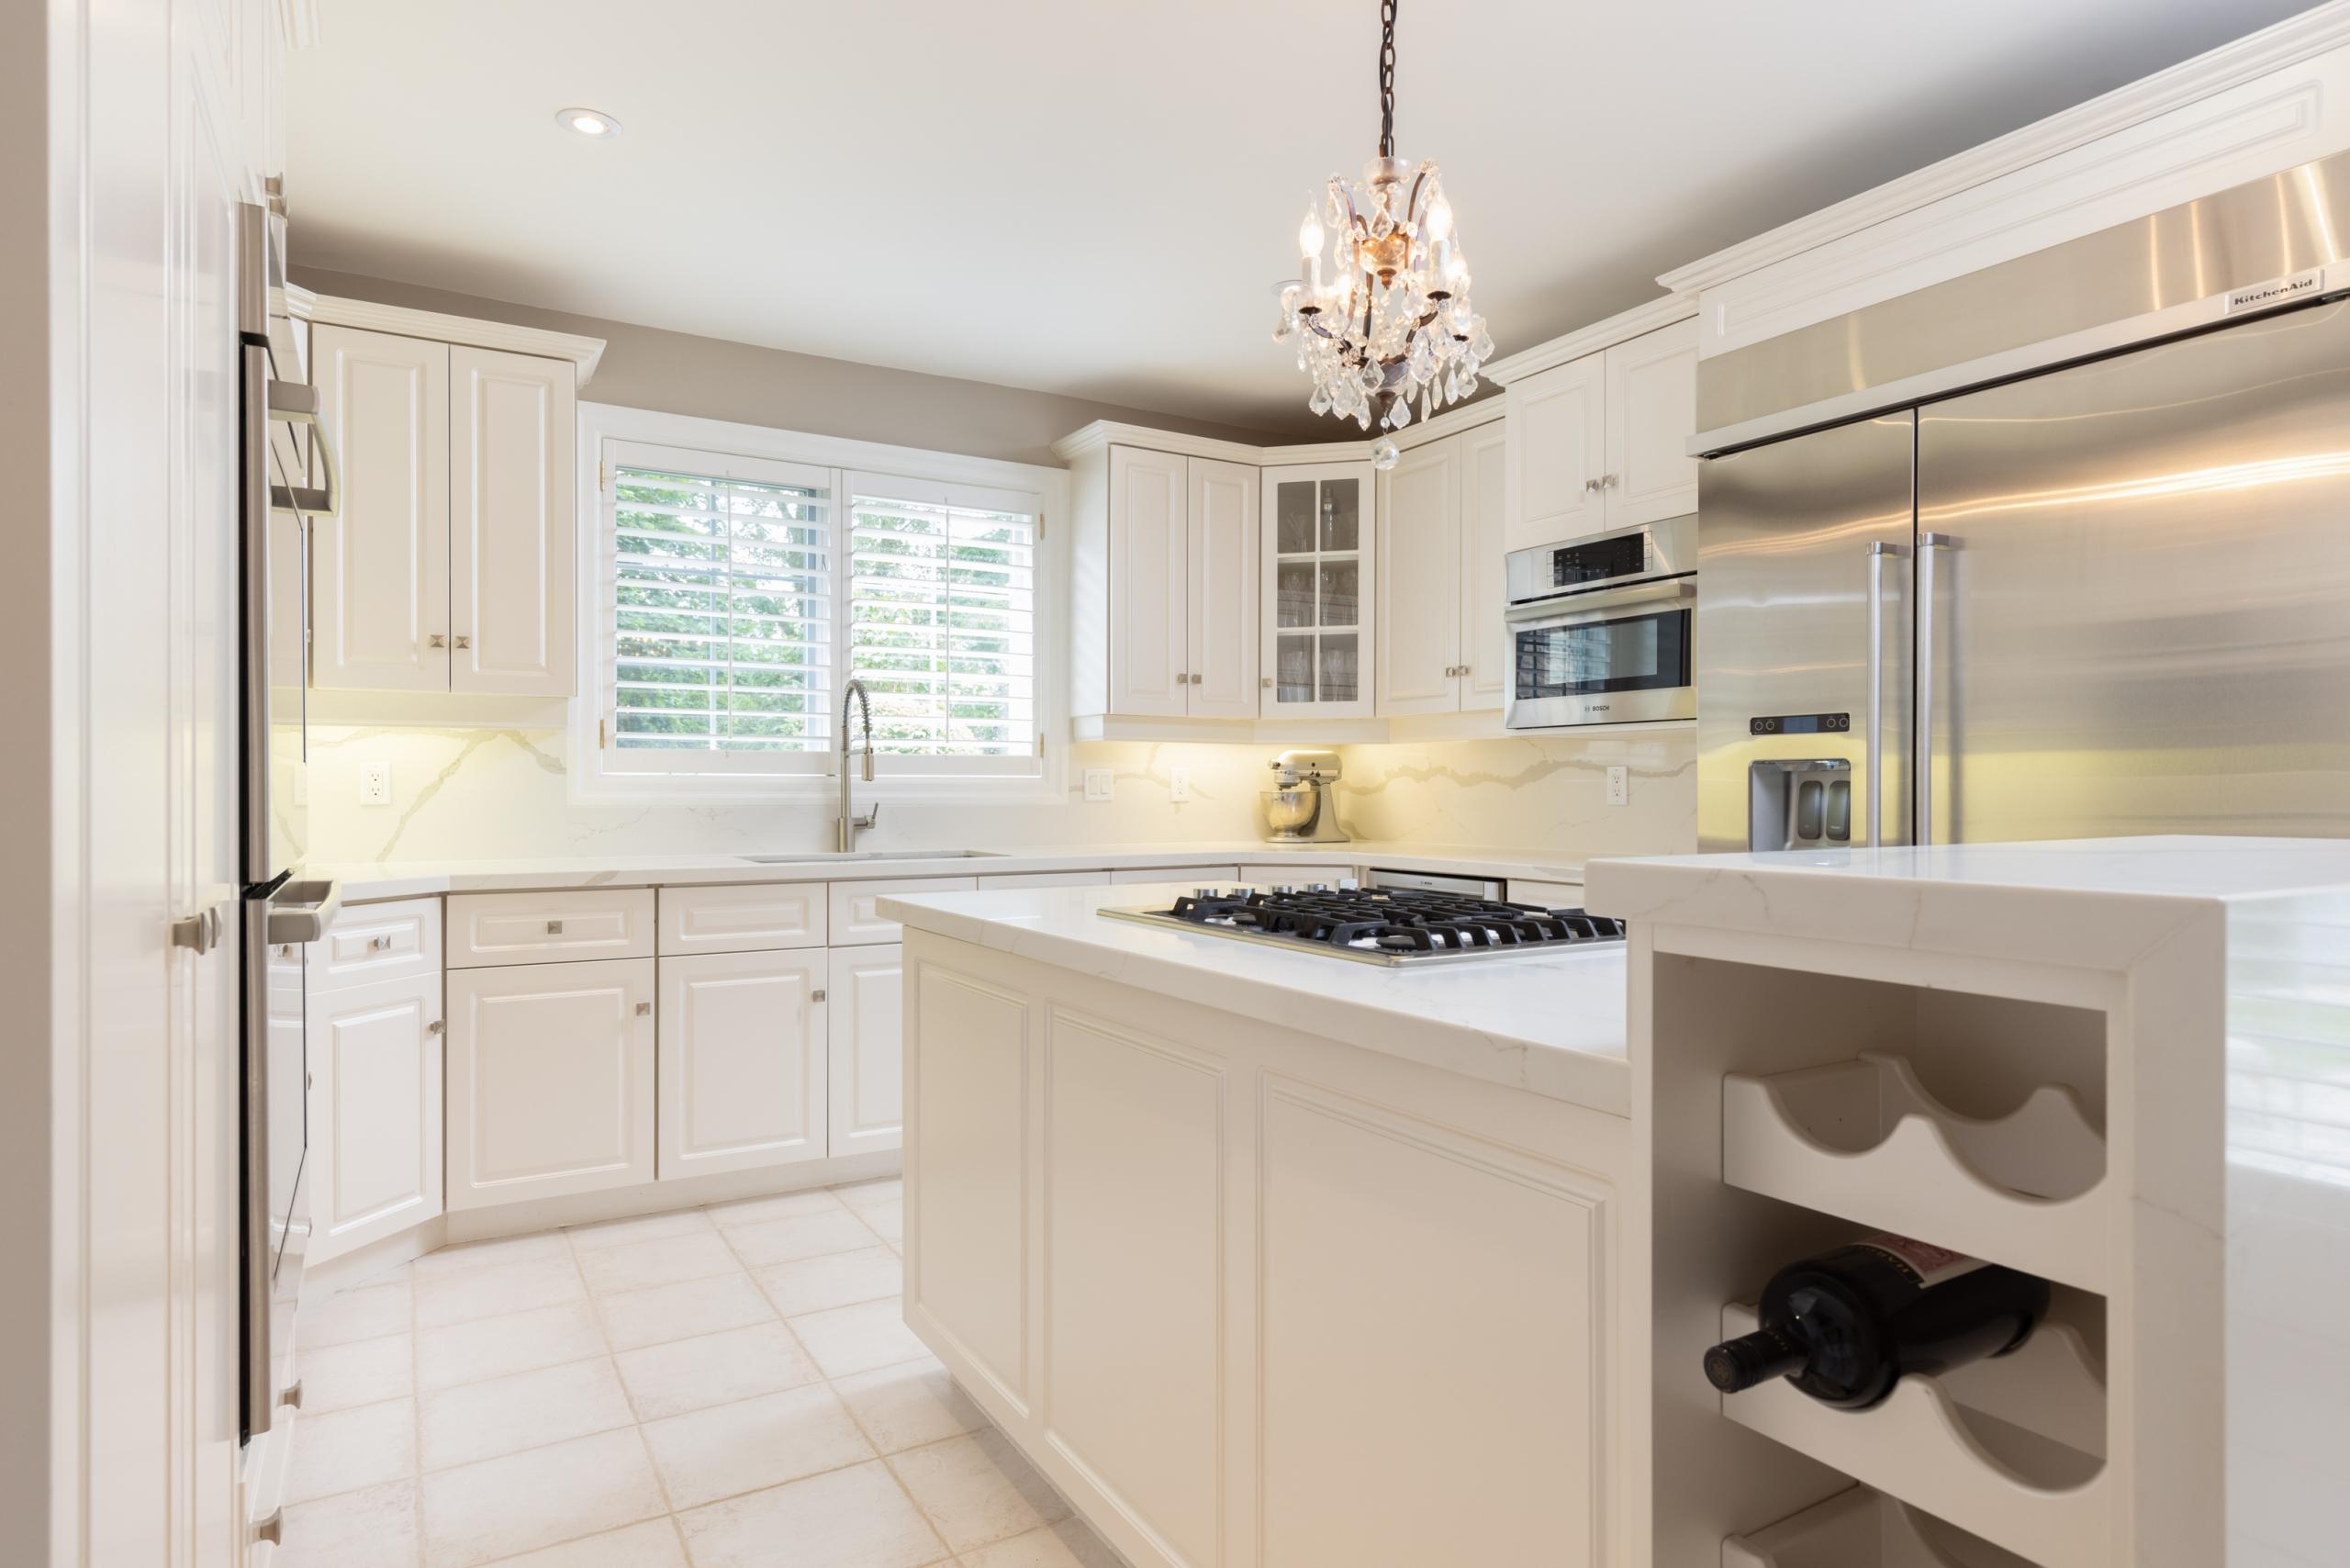 Kitchen featured at 956 Halsham Court, Mississauga at Alex Irish & Associates